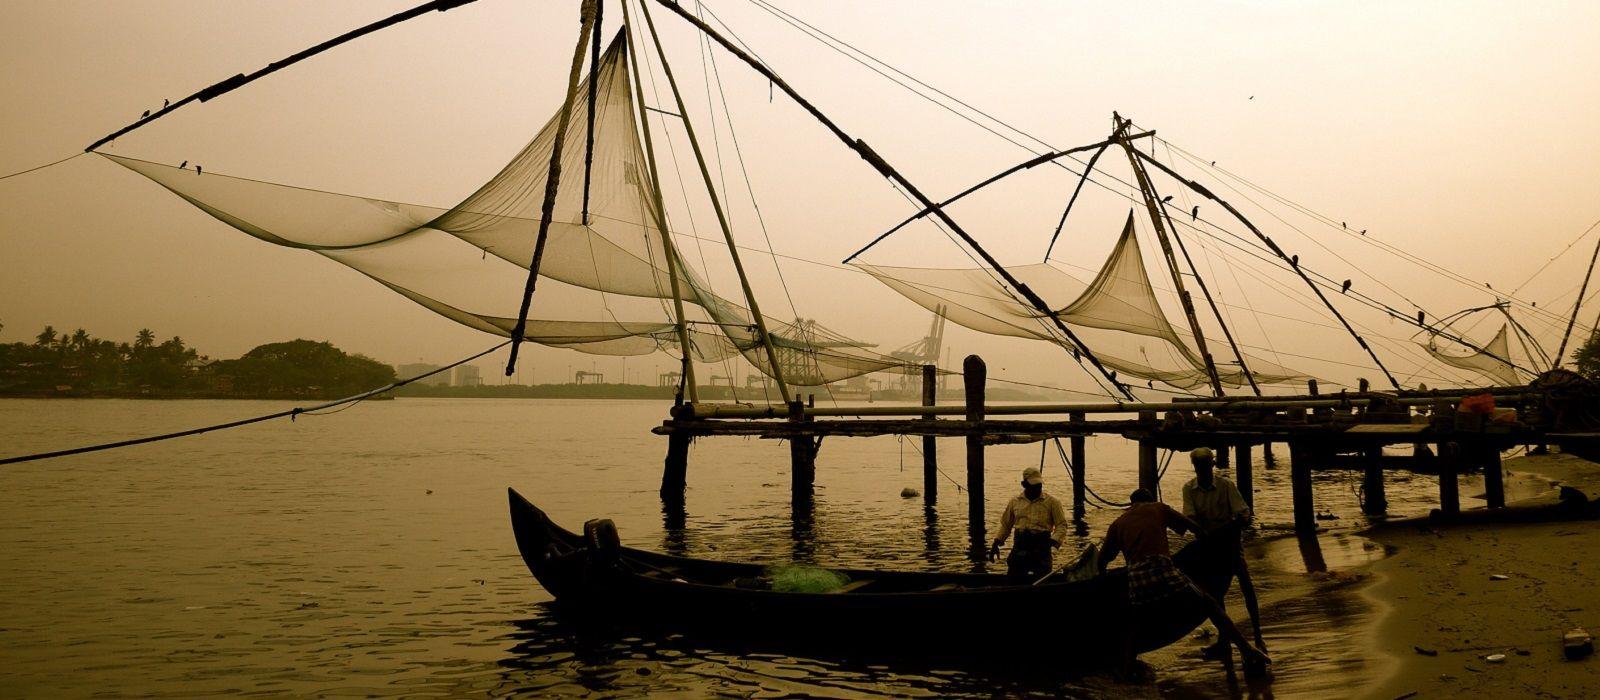 Indien und Vereinigte Arabische Emirate hautnah Urlaub 6